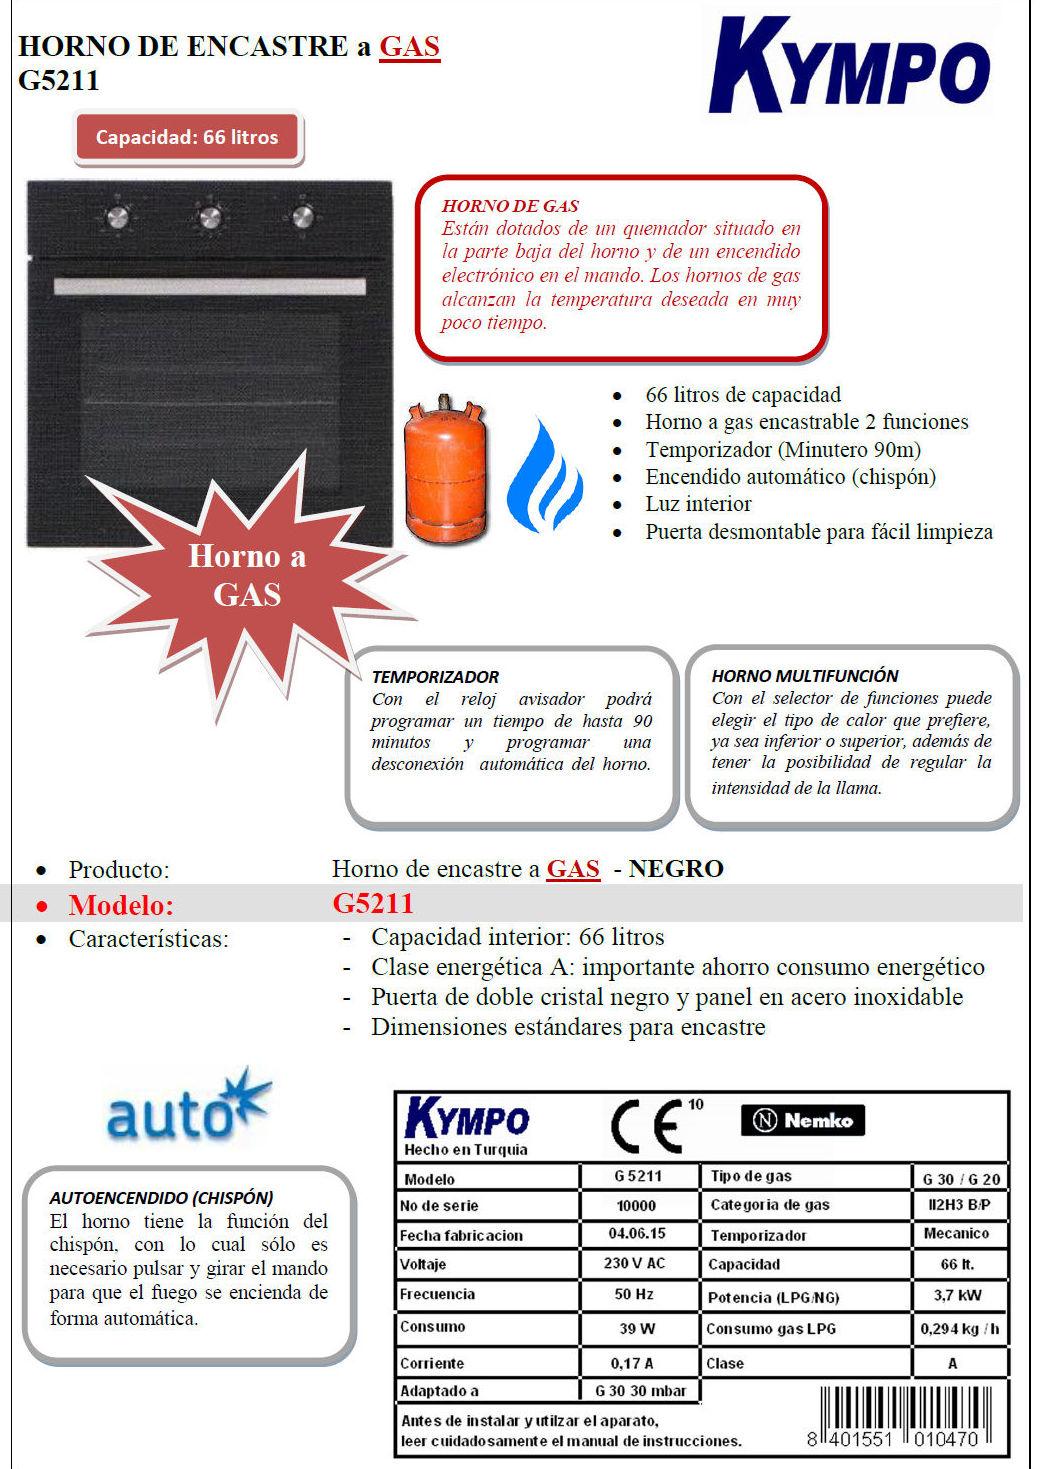 Horno a gas KYMPO: Catálogo de apluscocinas